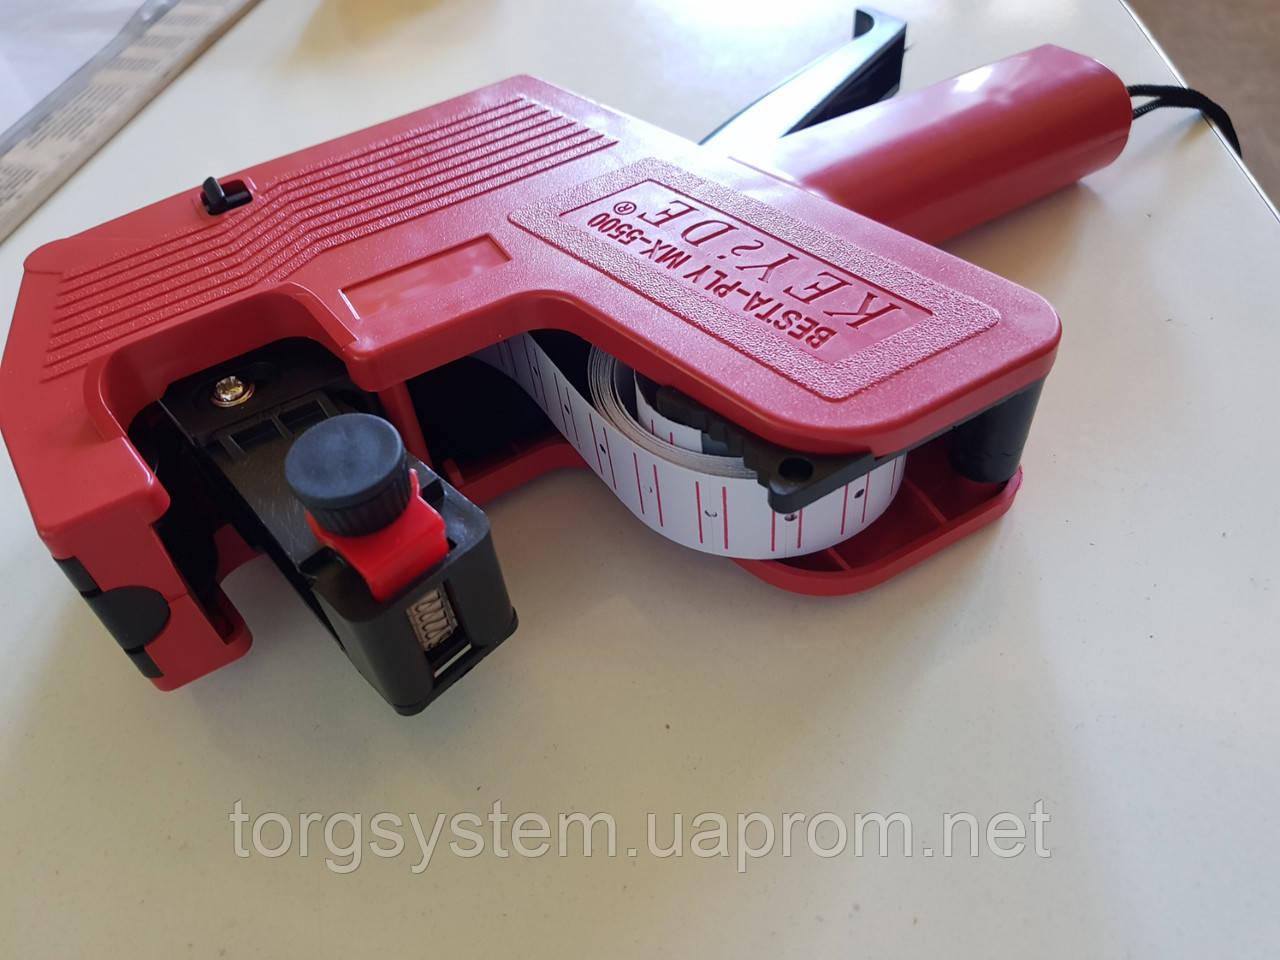 Етикет-пістолет для цінників (маркіратор)